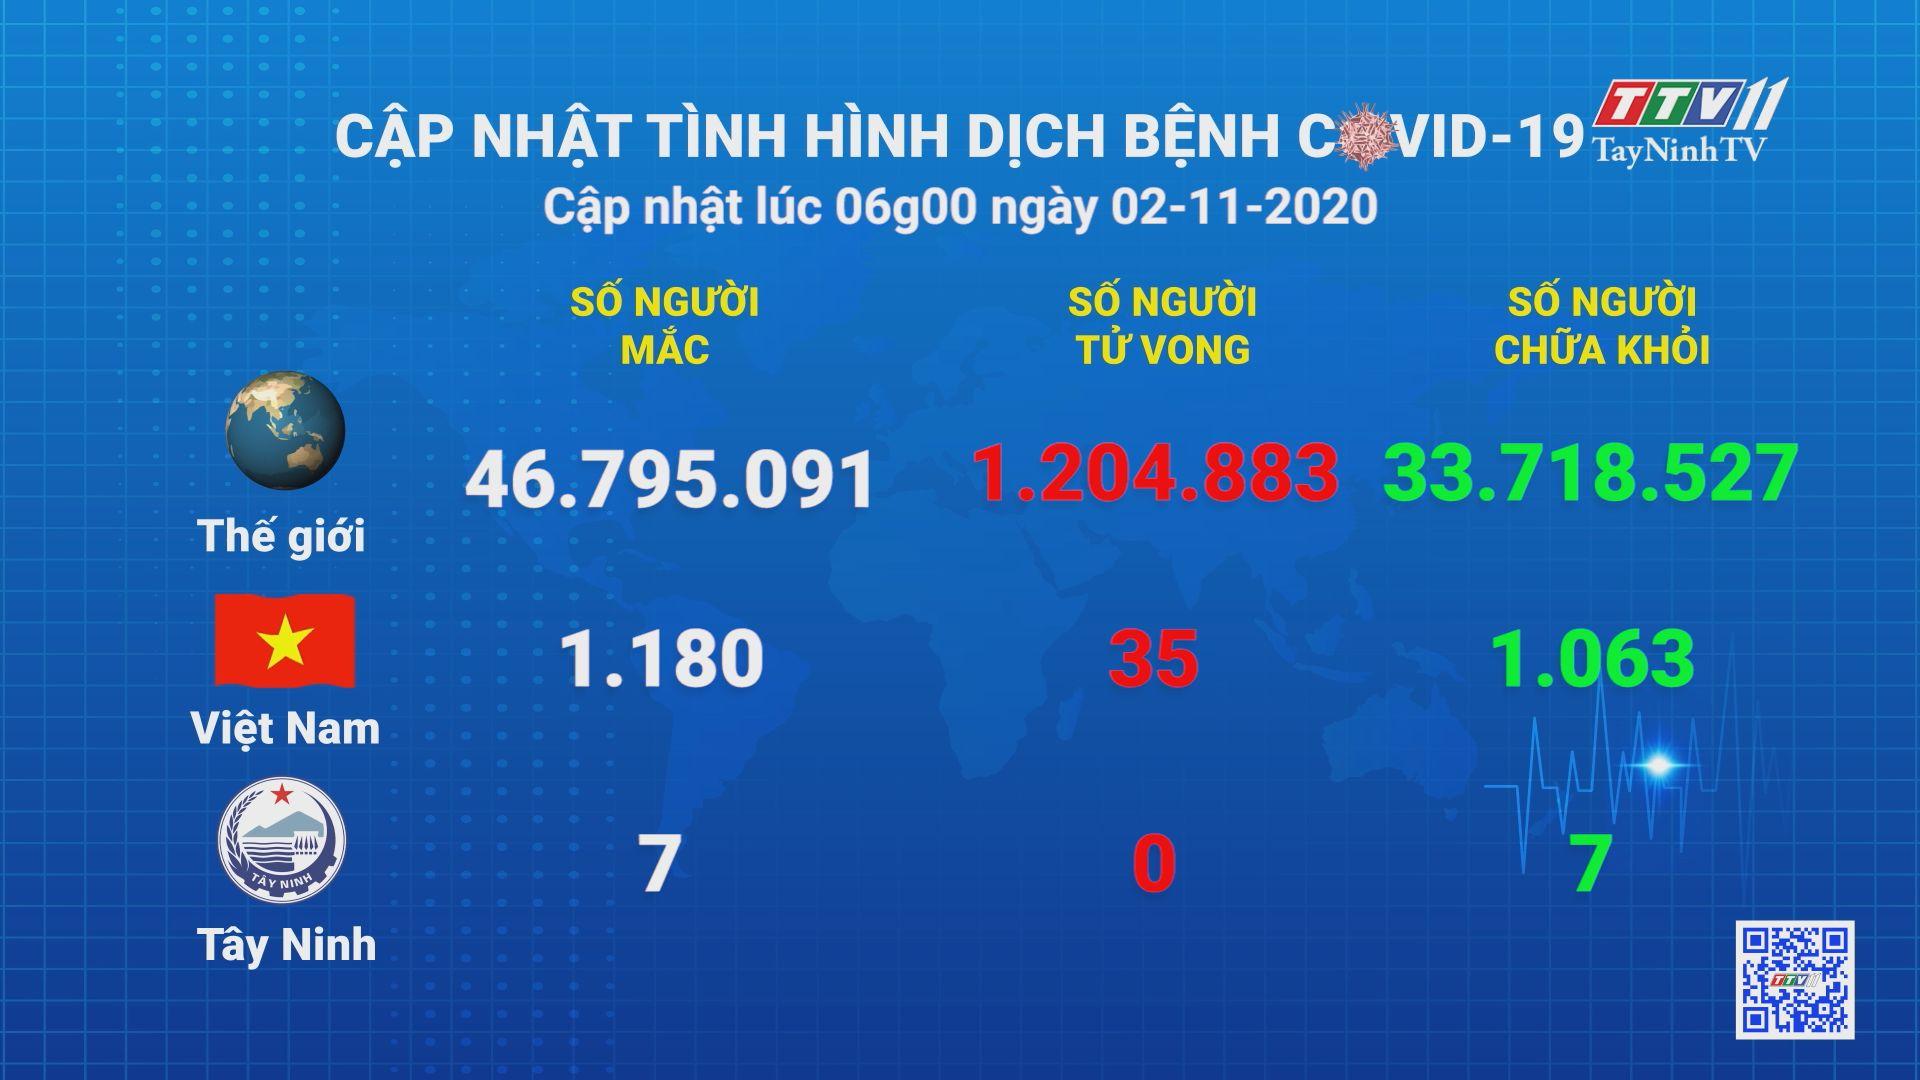 Cập nhật tình hình Covid-19 vào lúc 06 giờ 02-11-2020   Thông tin dịch Covid-19   TayNinhTV